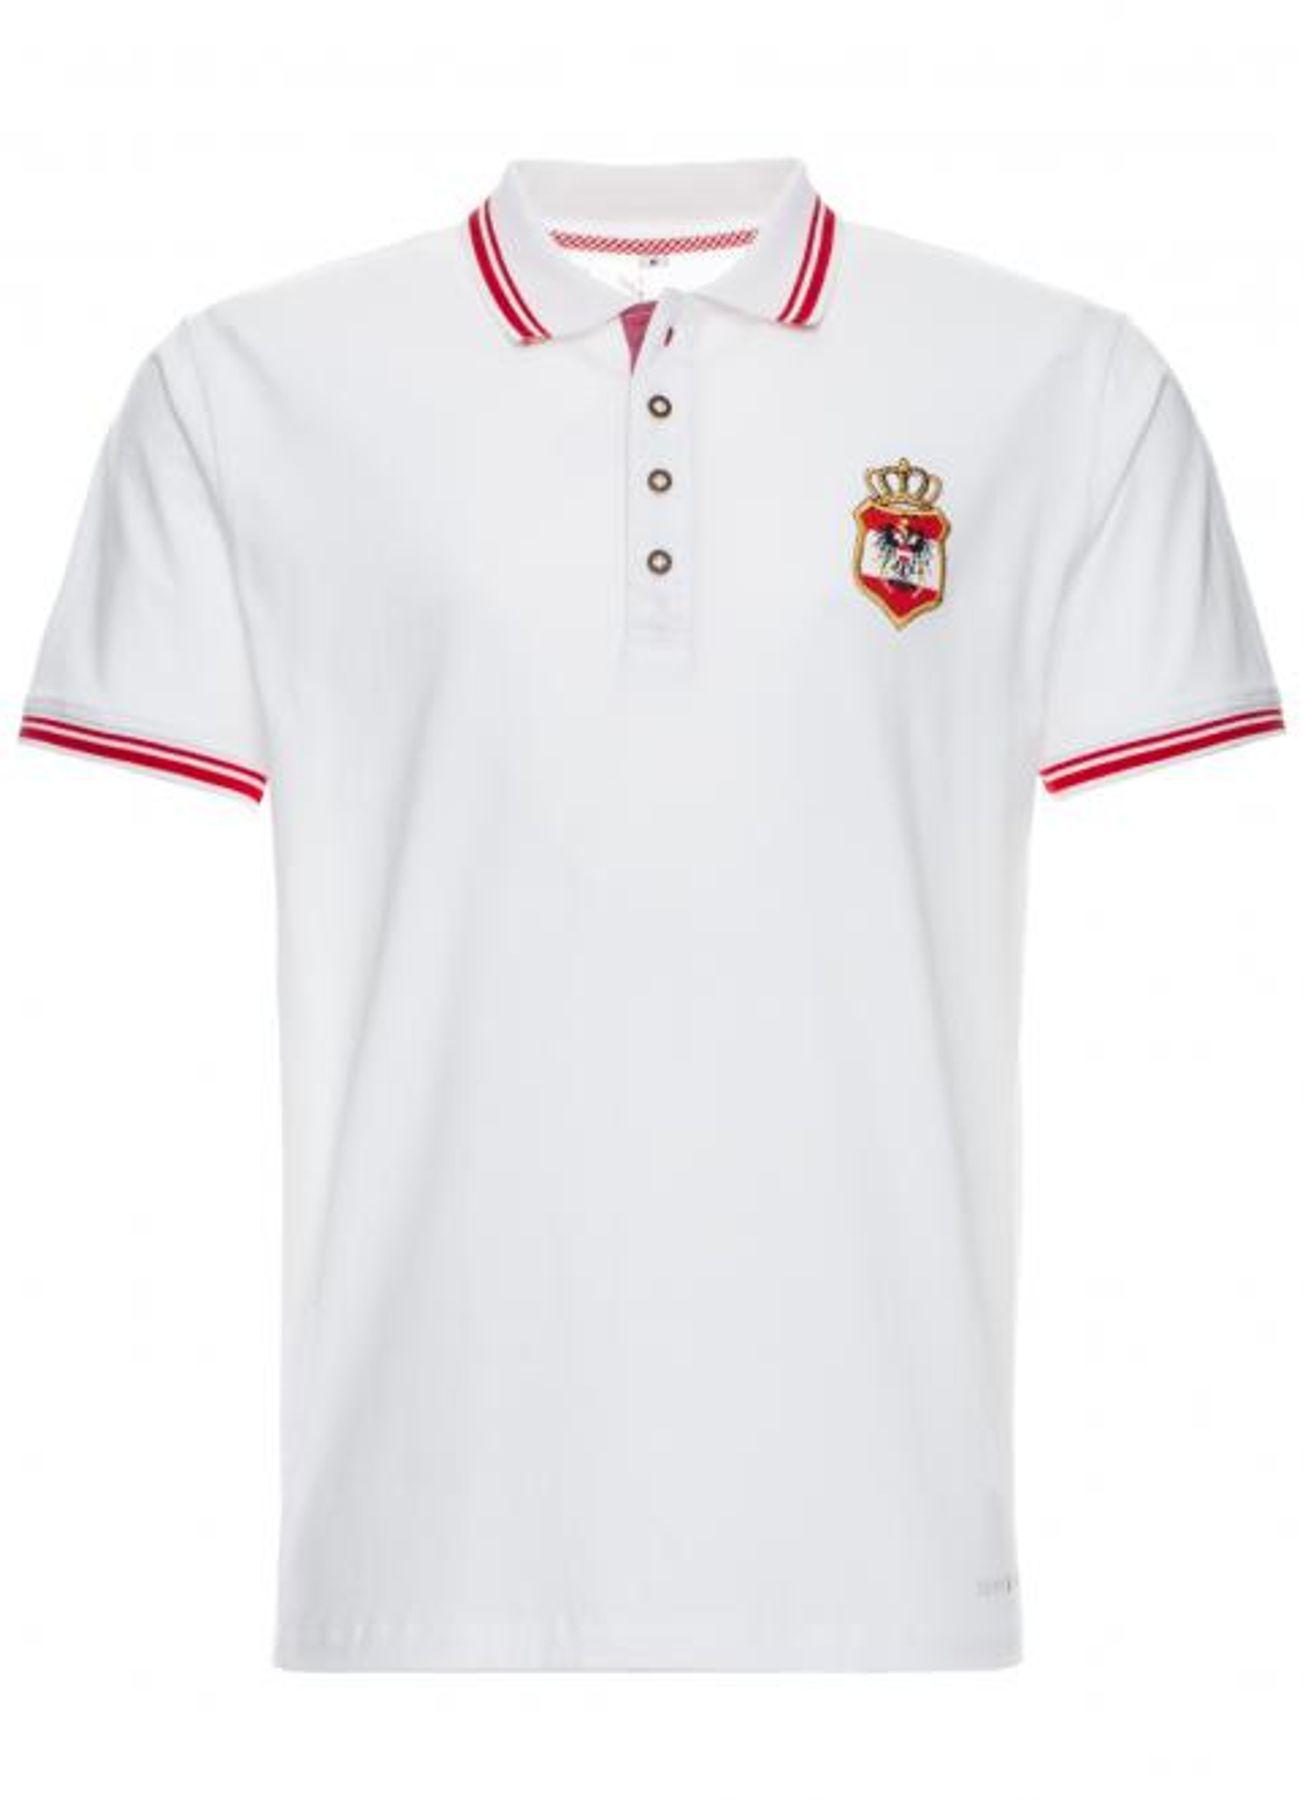 Spieth & Wensky - Herren Trachten T-Shirt Fetan Austria in zwei Farben (291650-0021) – Bild 2